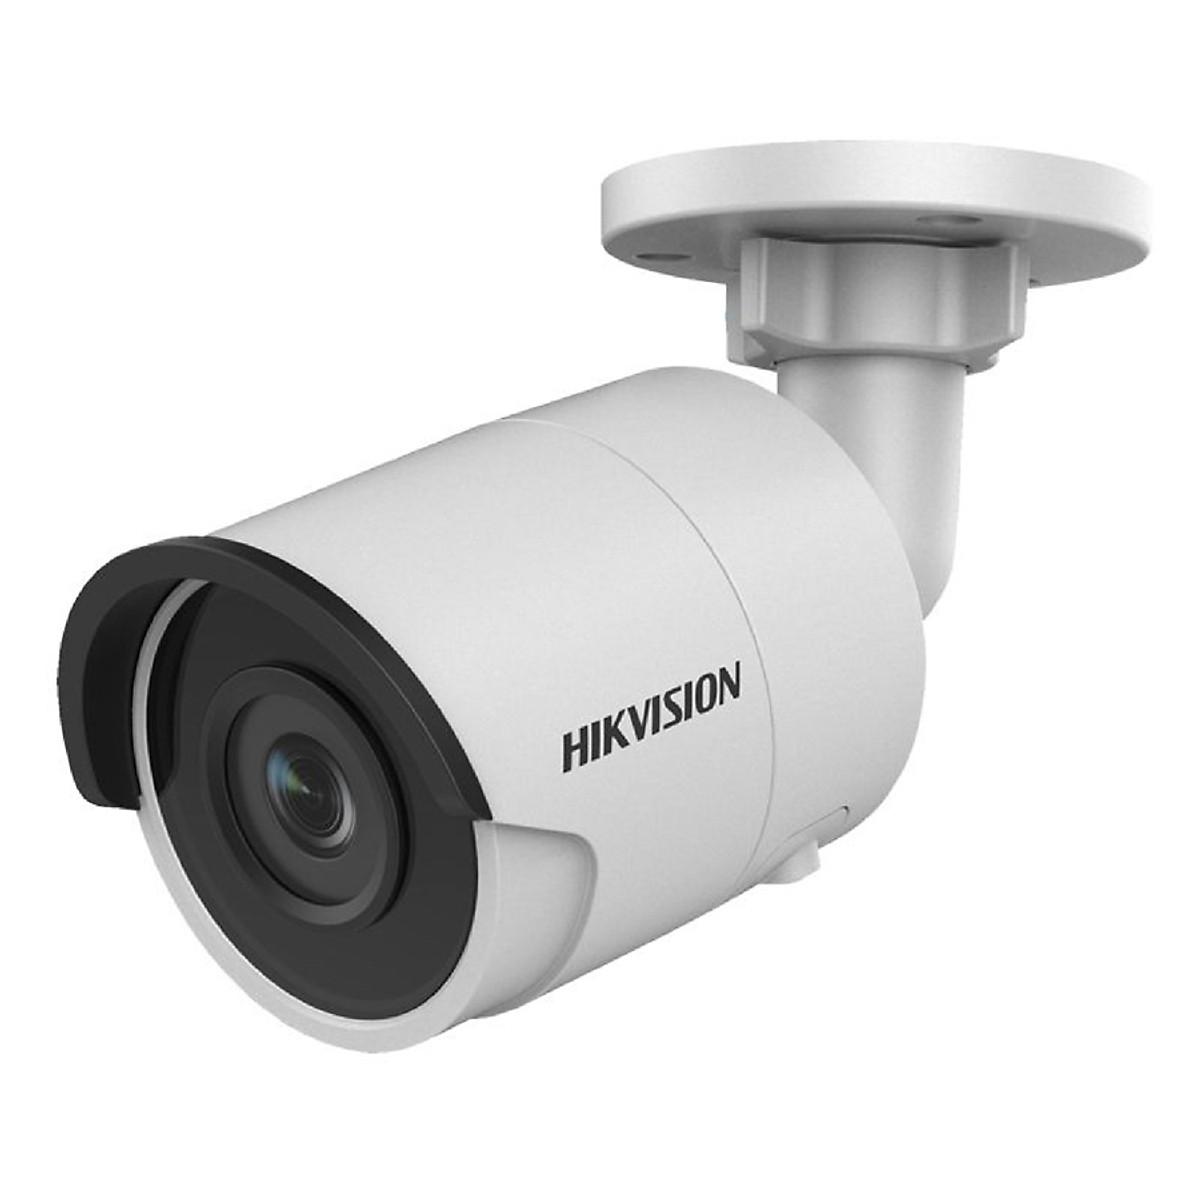 Camera IP Ống Kính Hikvision DS-2CD2043G0-I Hồng Ngoại 4K – Hàng Chính Hãng